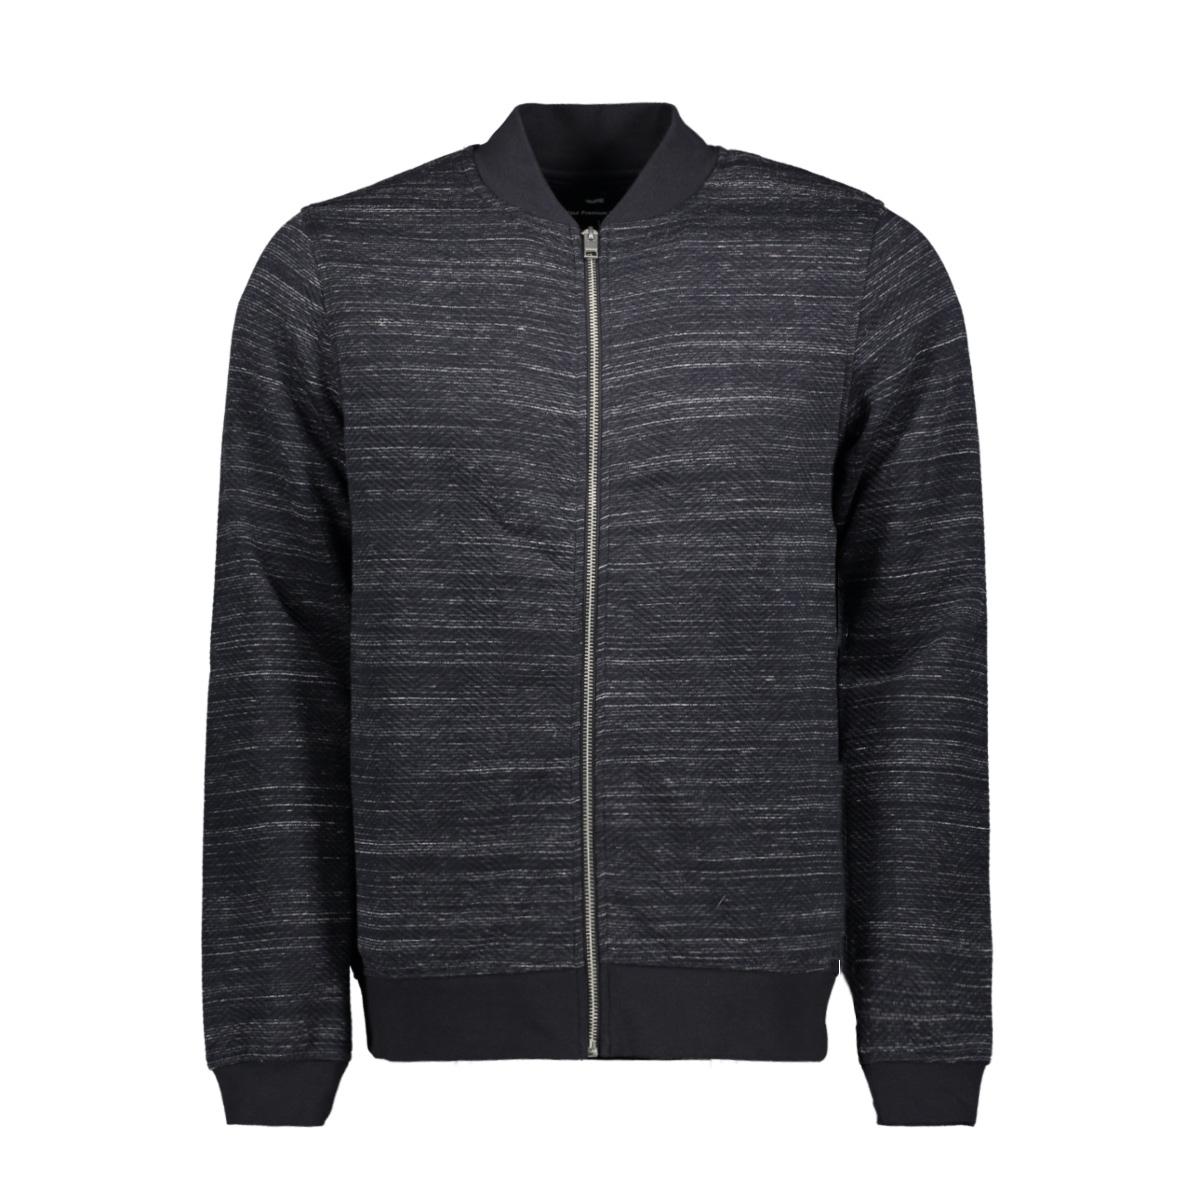 jprangus bla sweat zip cardigan - p 12156941 jack & jones vest dark navy/slim fit